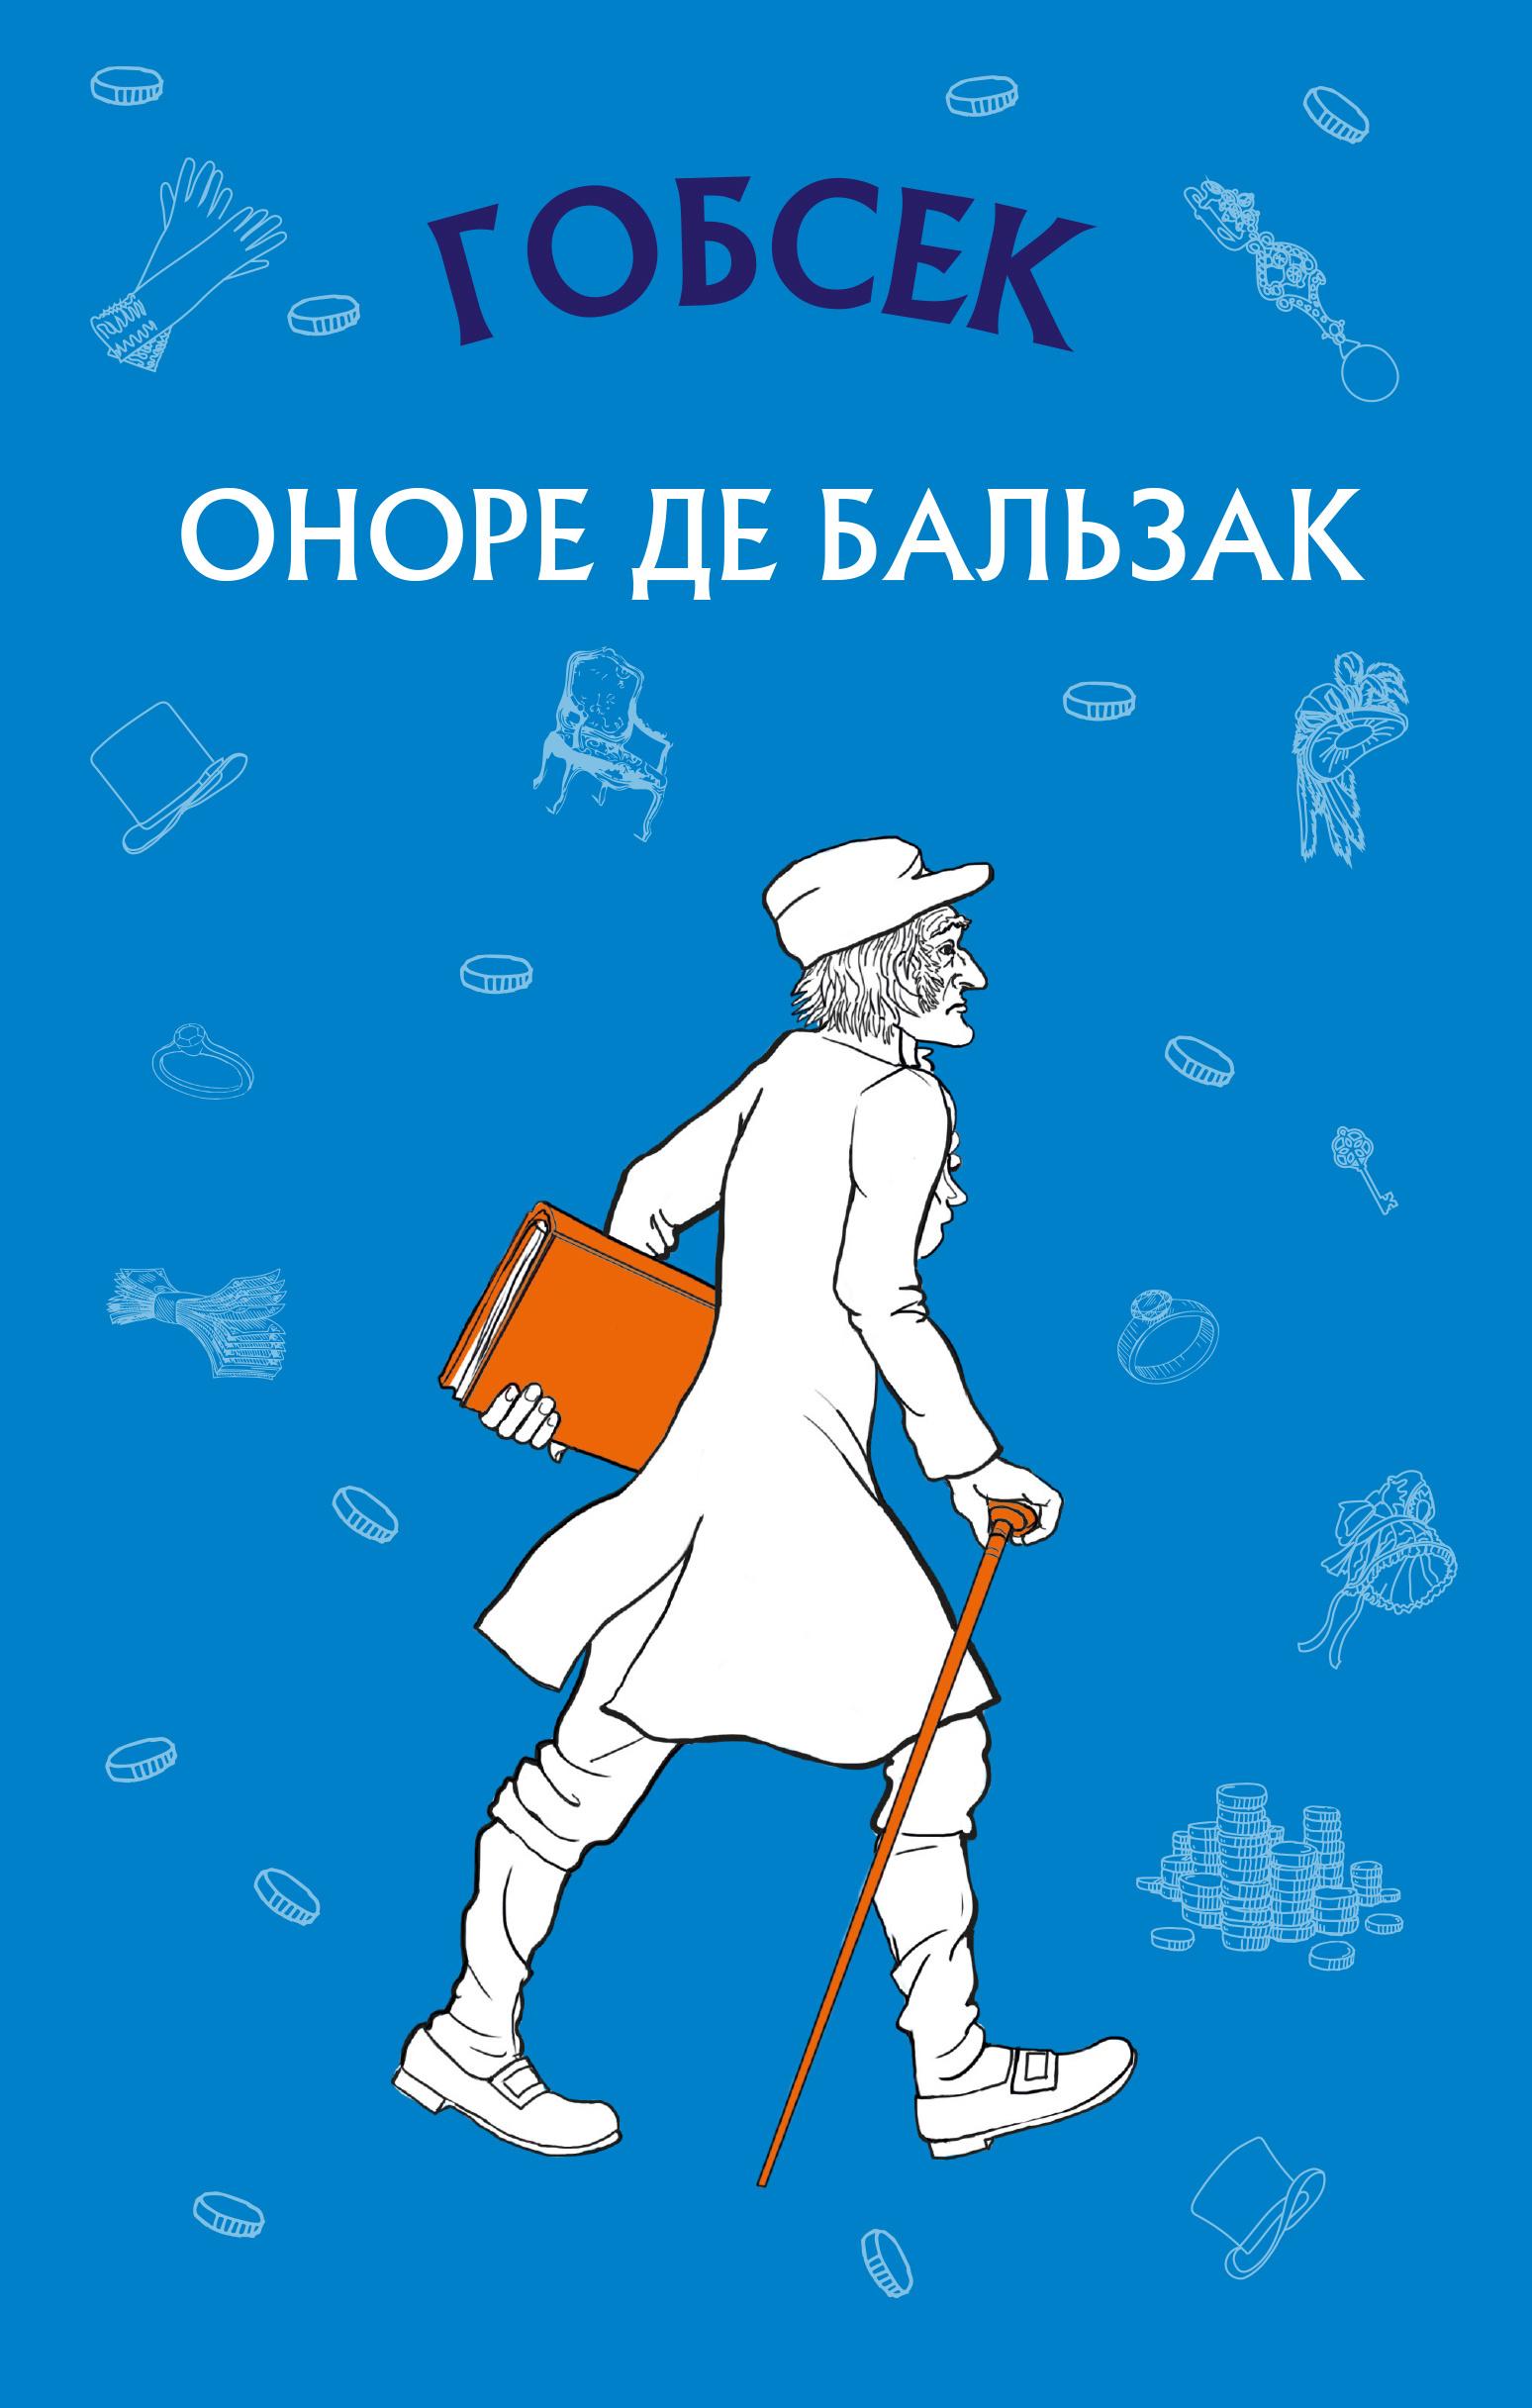 Гобсек. Автор — Оноре де Бальзак. Переплет —